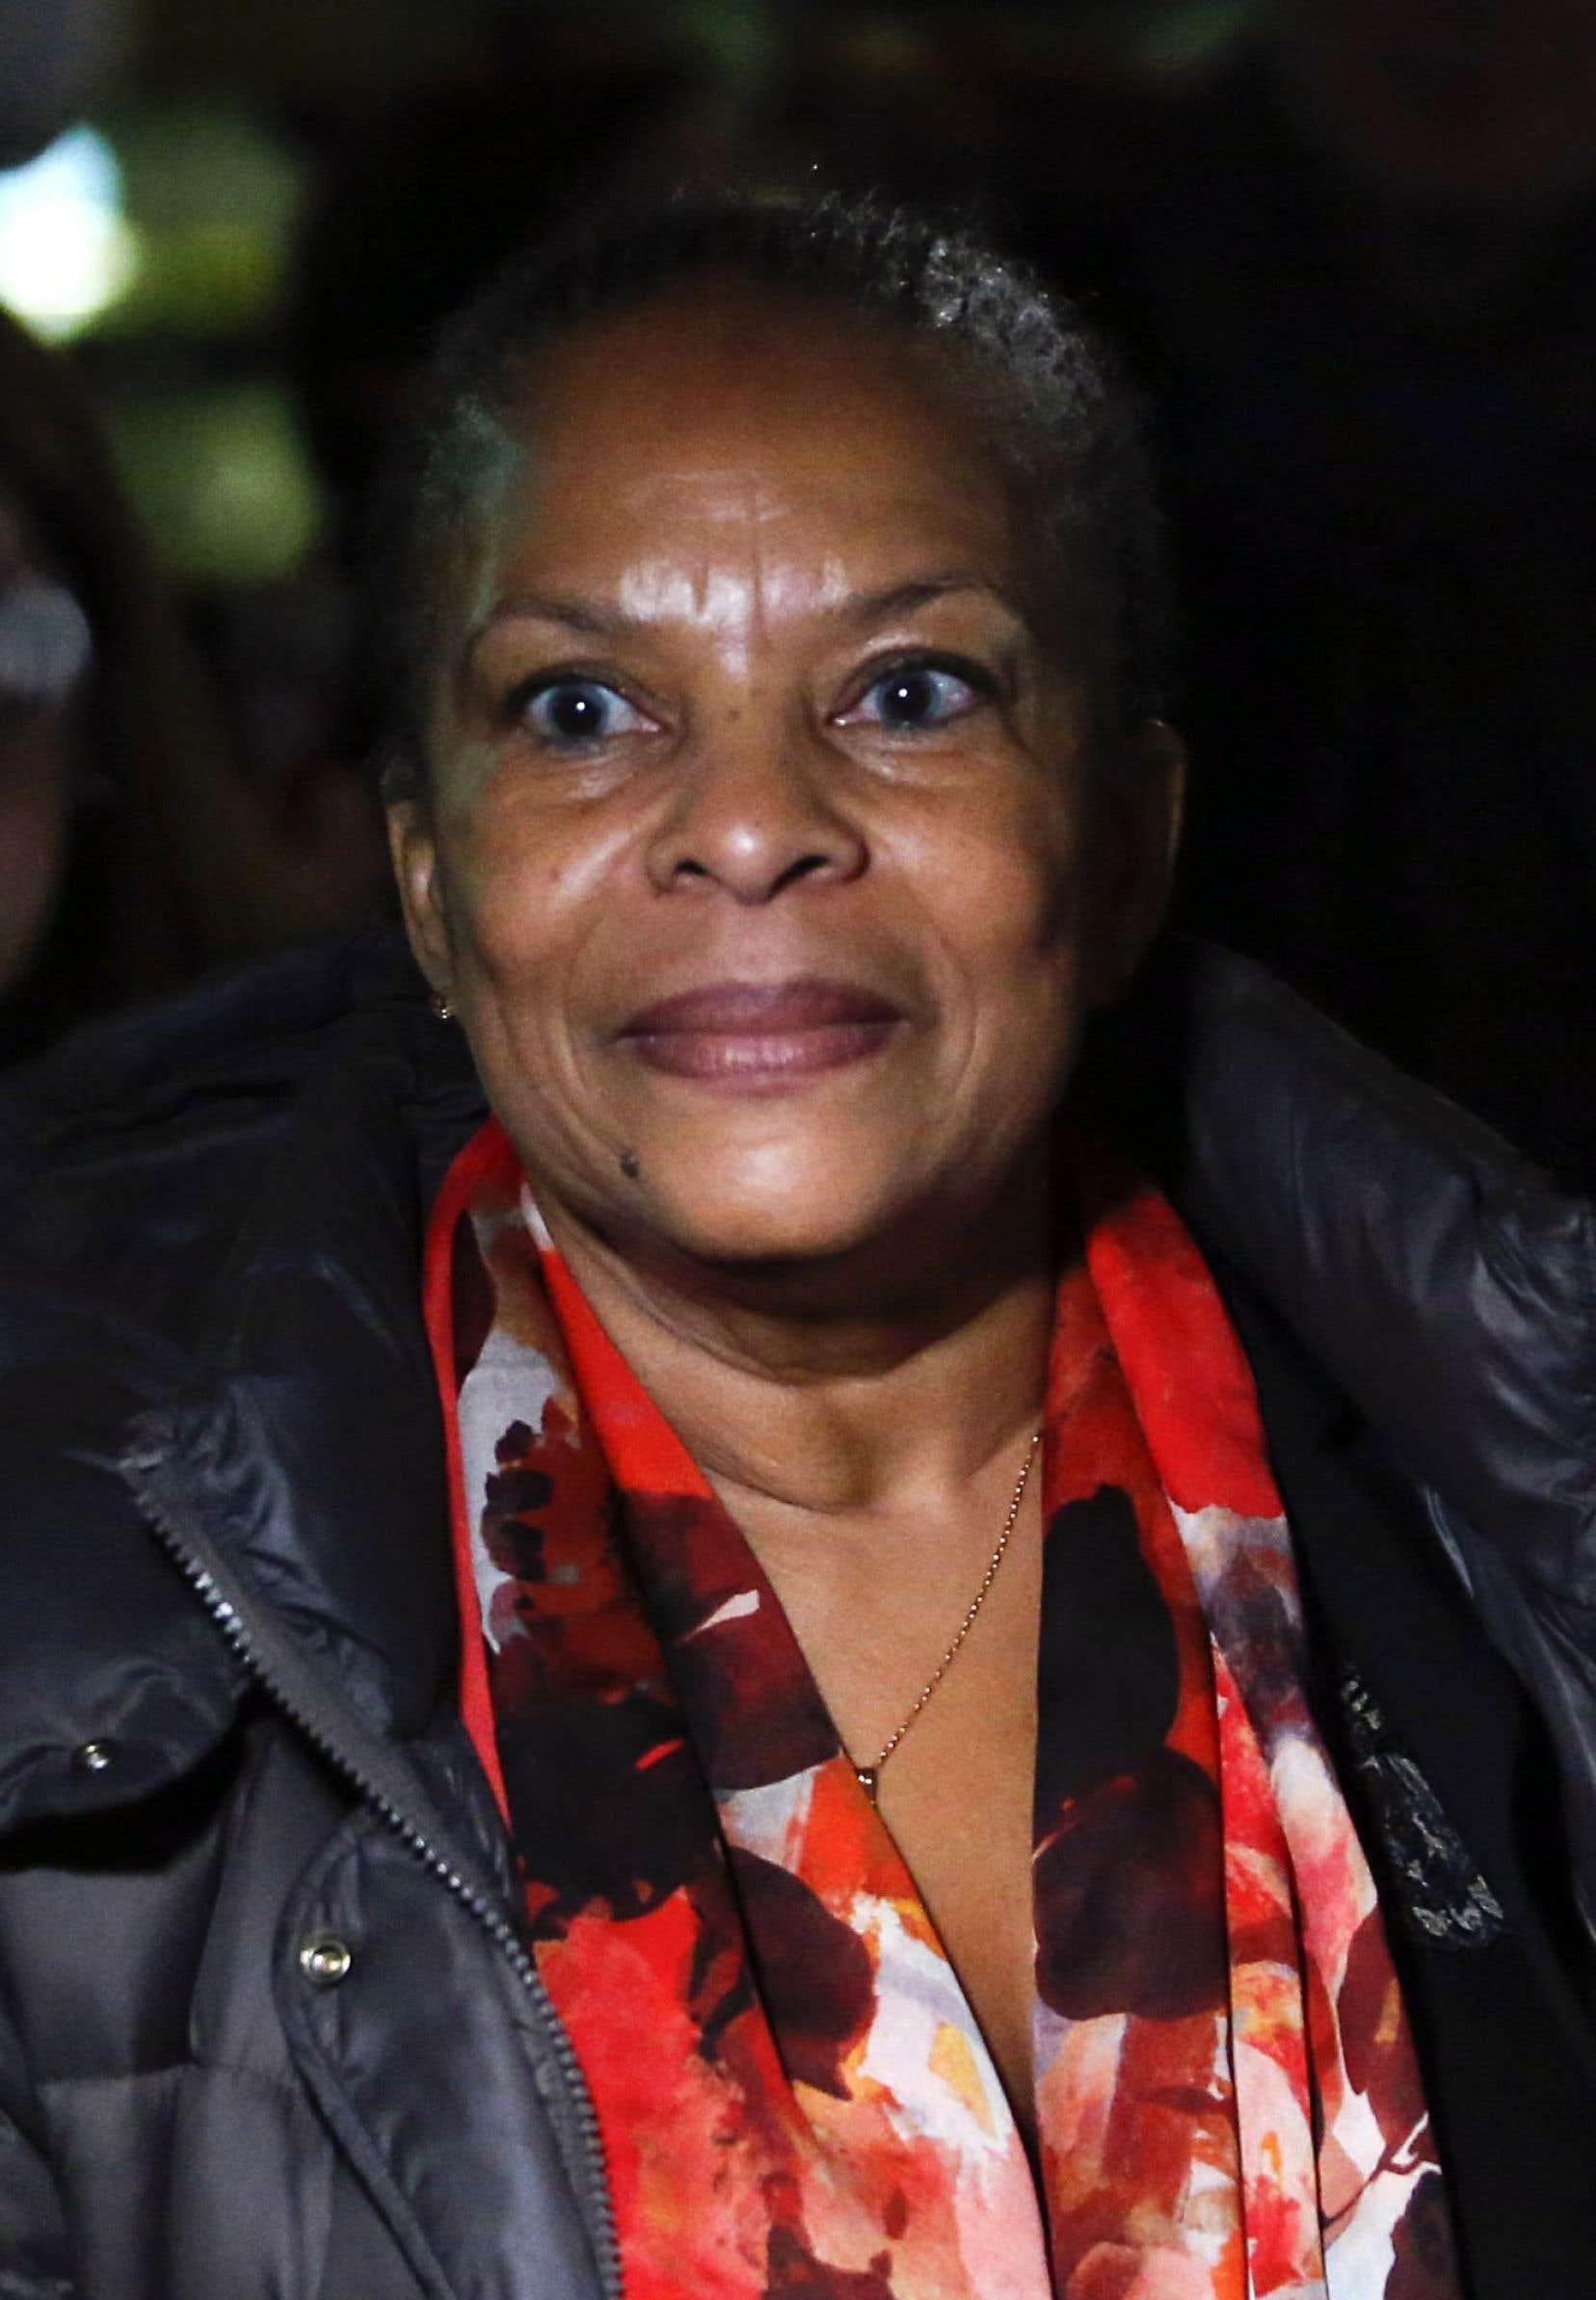 Dans «Murmure à la jeunesse», Christiane Taubira revient sur les attentats du 13novembre, qu'elle décrit comme une «conflagration» reçue «en plein plexus».